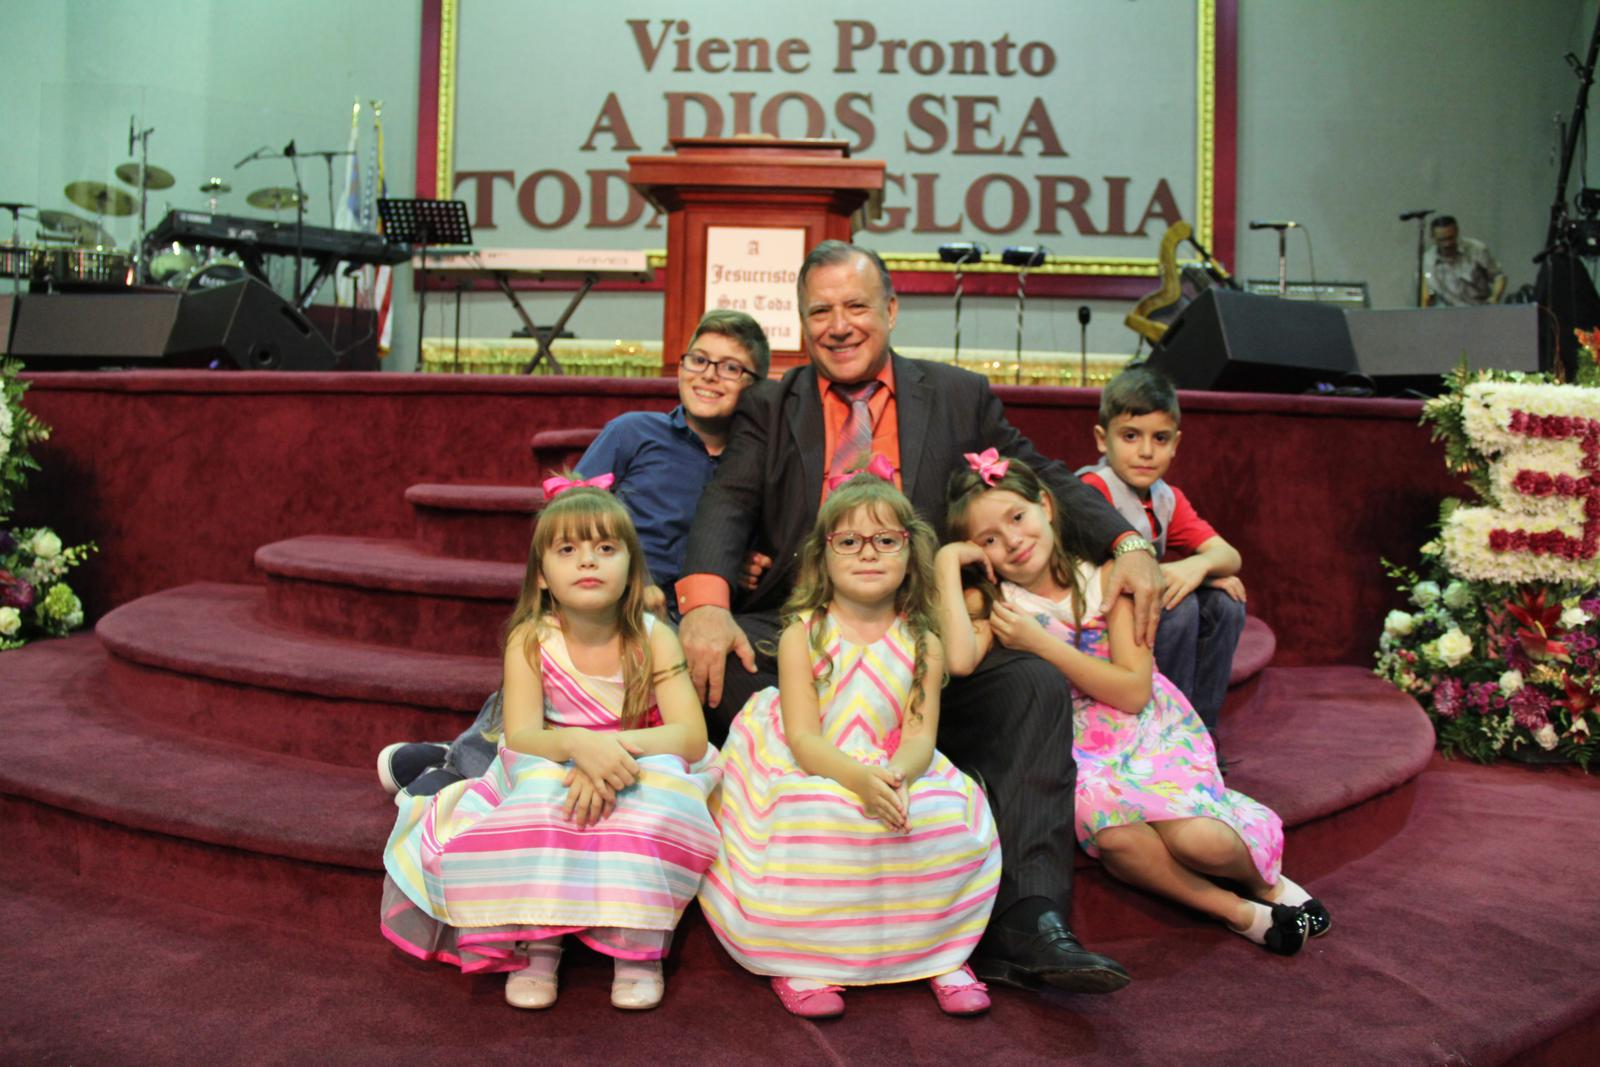 GLORIA A DIOS, 30 ANIVERSARIO ICRLC 07 04, 2016 (298)